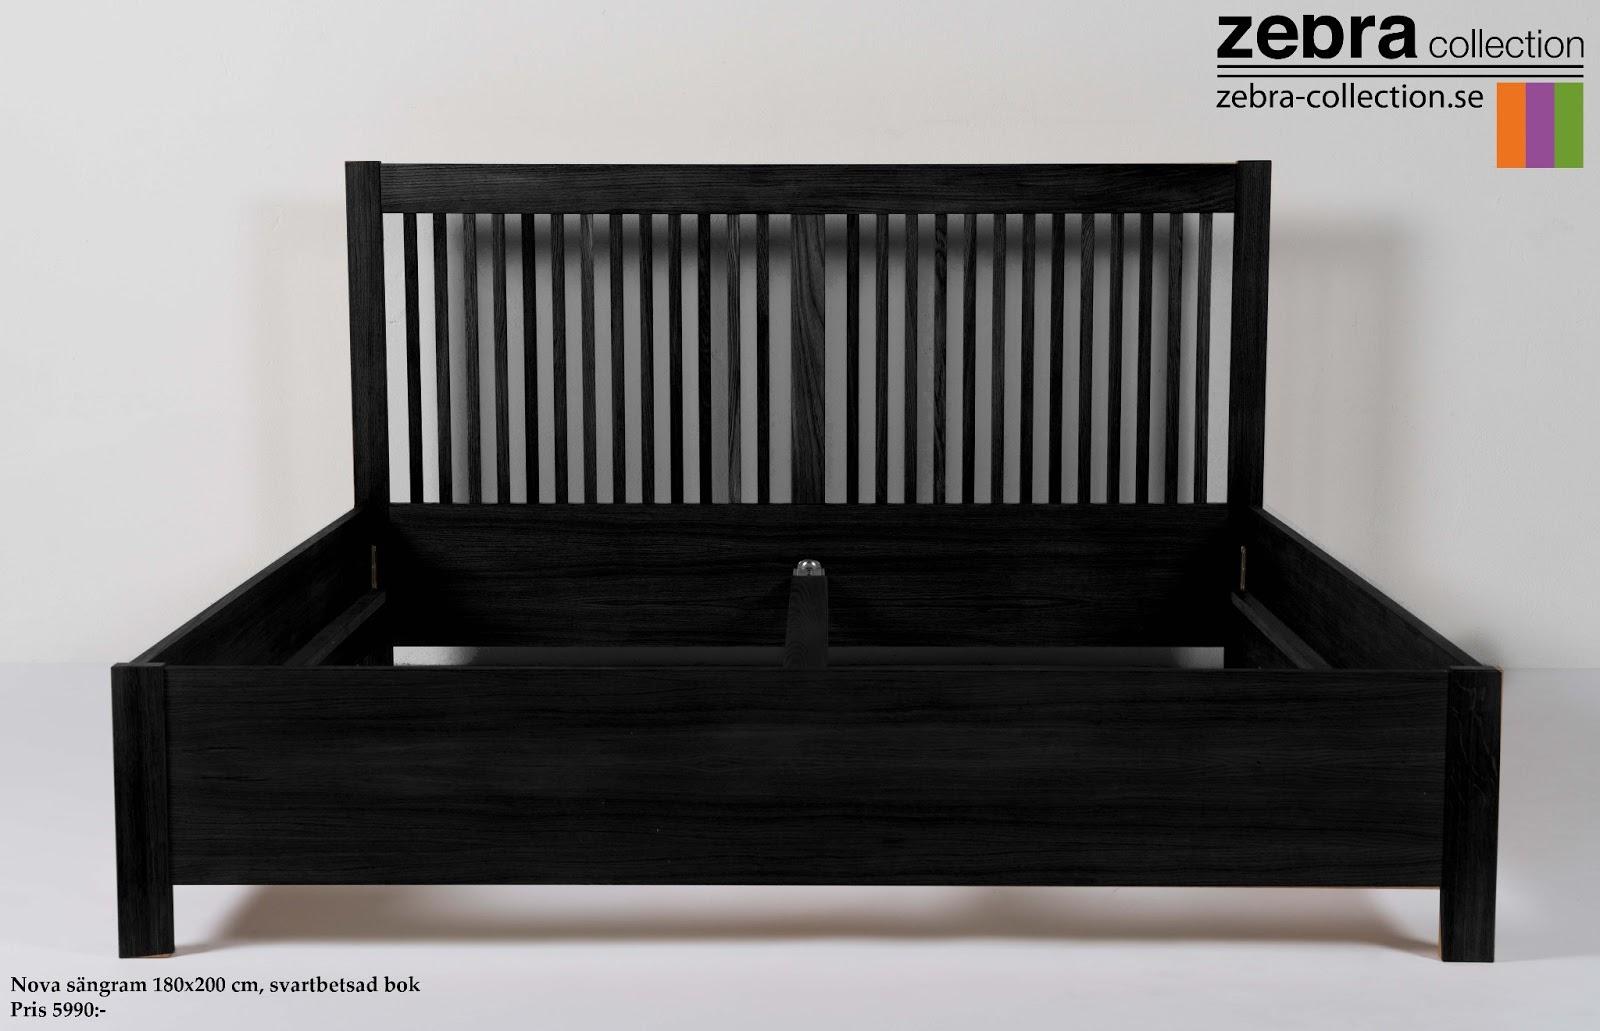 Zebra Collection VäLKOMMEN Nova sängram SVART